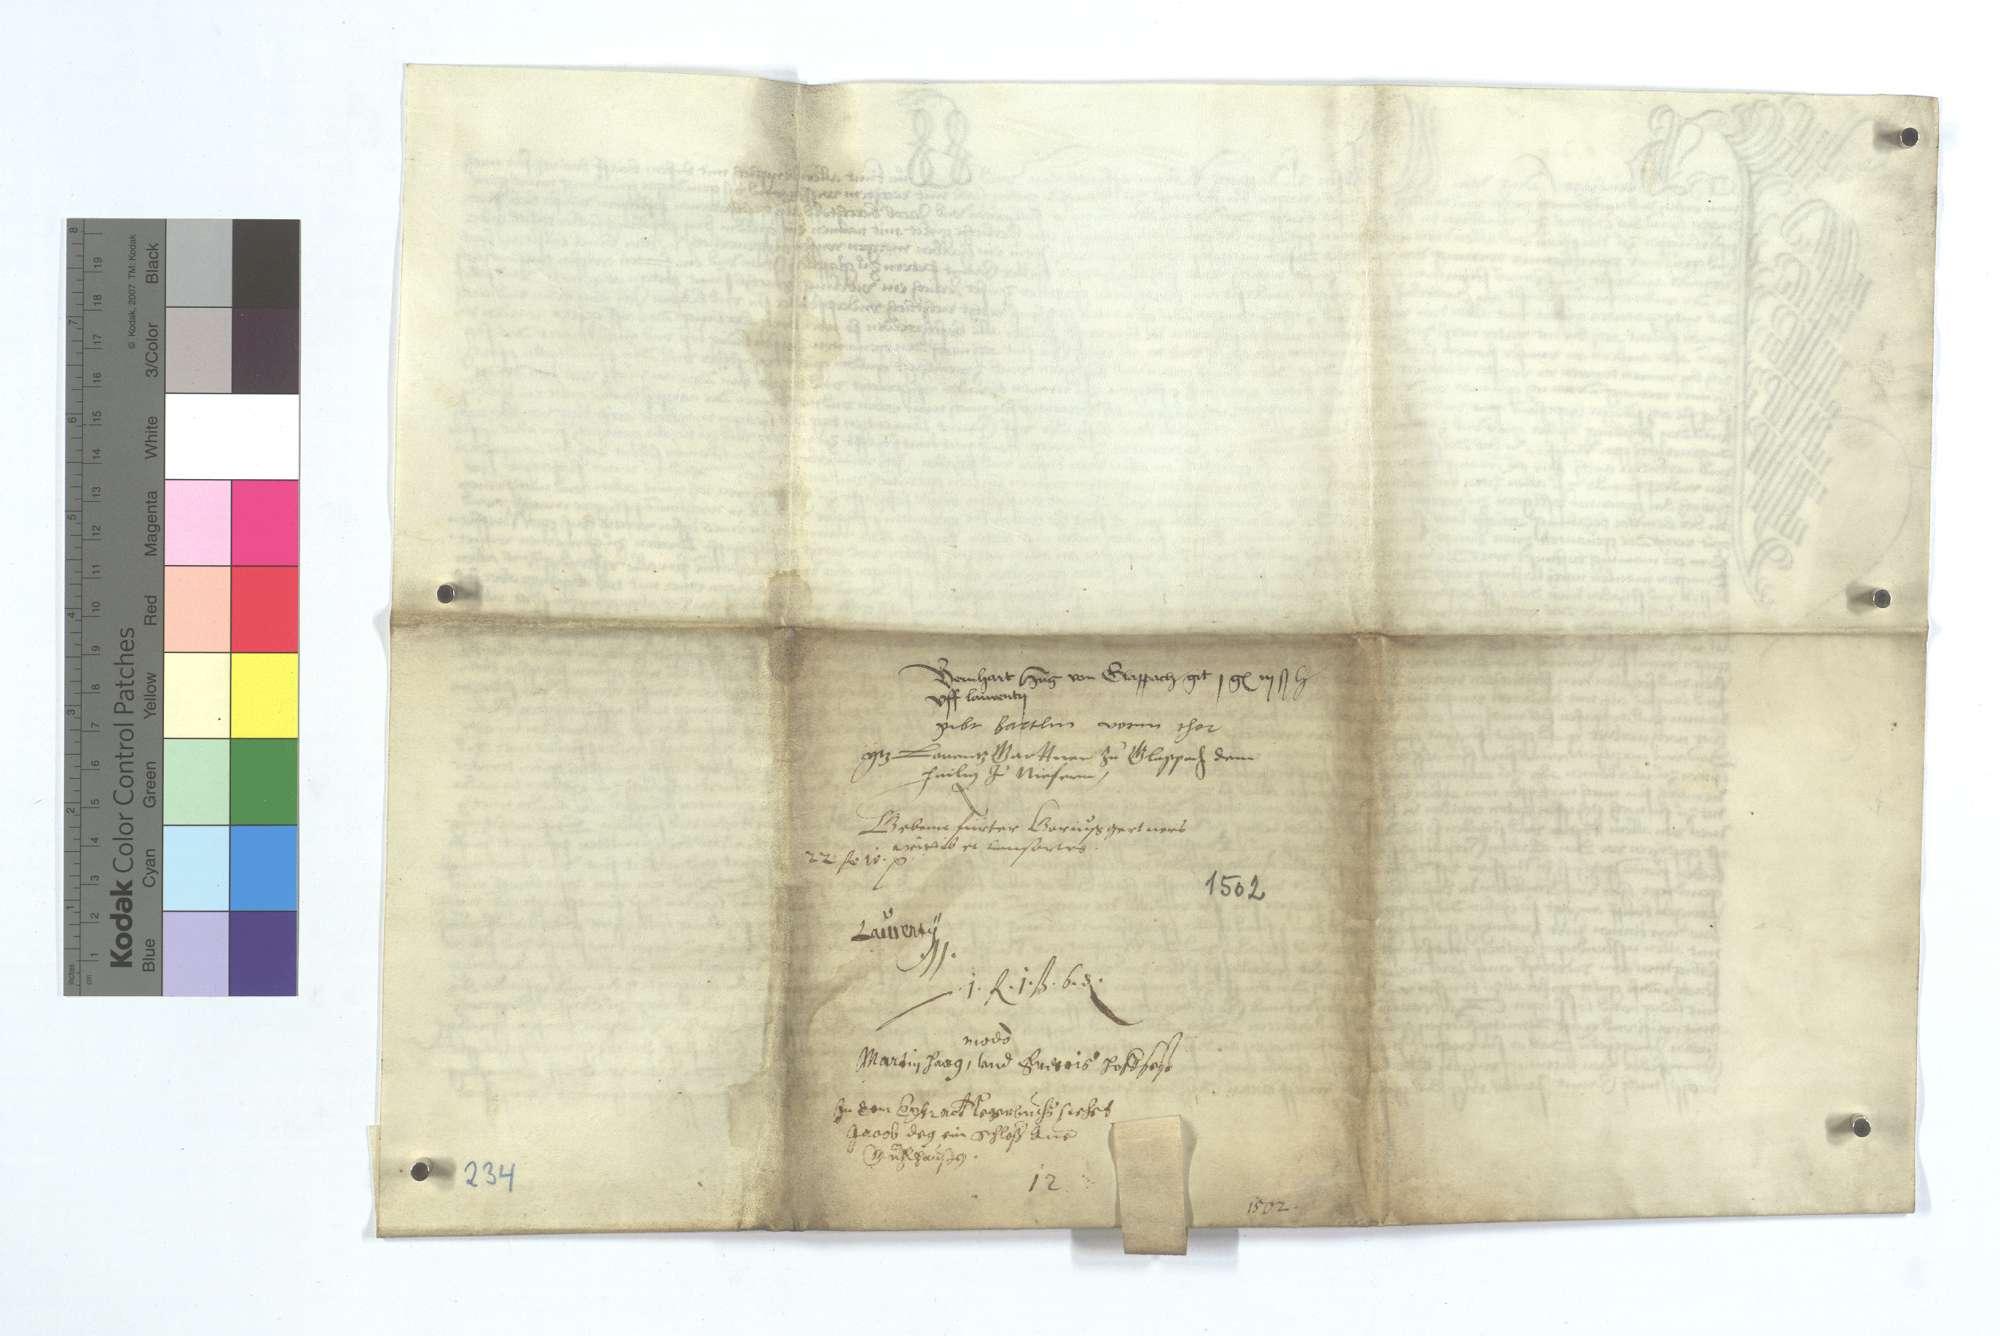 Gültbrief des Bernhard Hug von Großglattbach (Großen Glappach) gegen die Pfarrkirche von Niefern., Rückseite